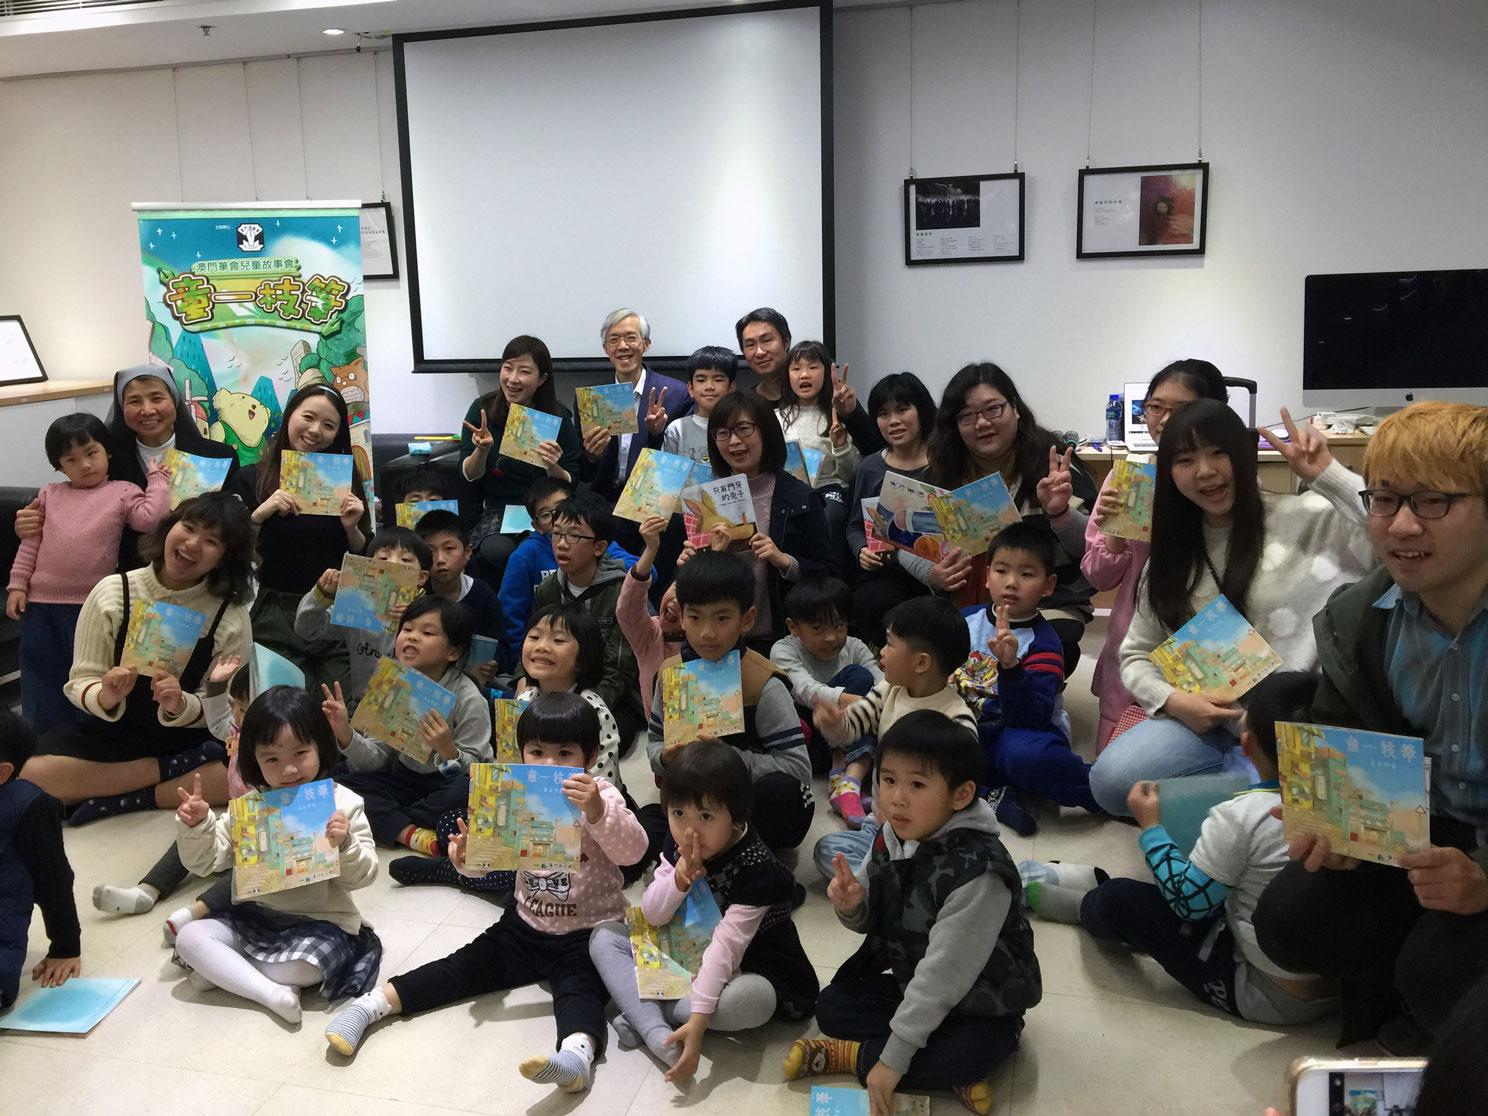 澳門筆會出版中英雙語兒童繪本